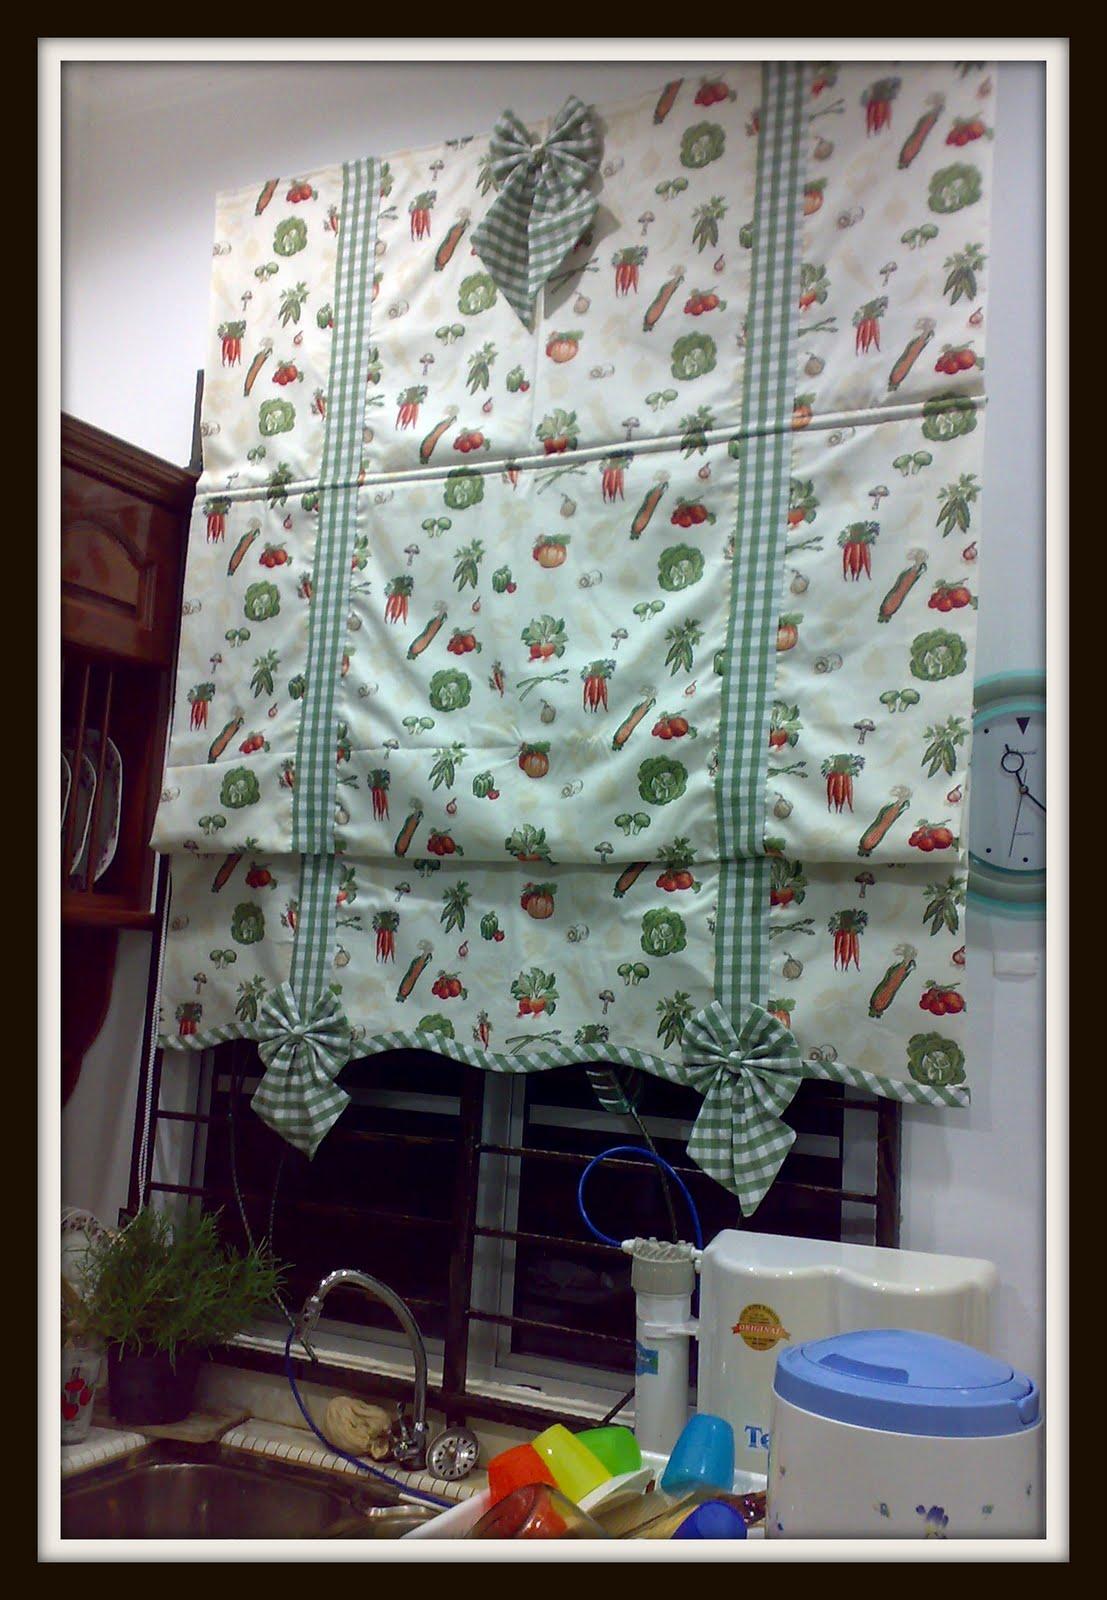 Pattern Ini Nali Sebagai Combinasi Pelmet Tab Dan Roman Blind Kebanyakan Boley Digunakan Di Ruang Tamu Bahagian Dapur